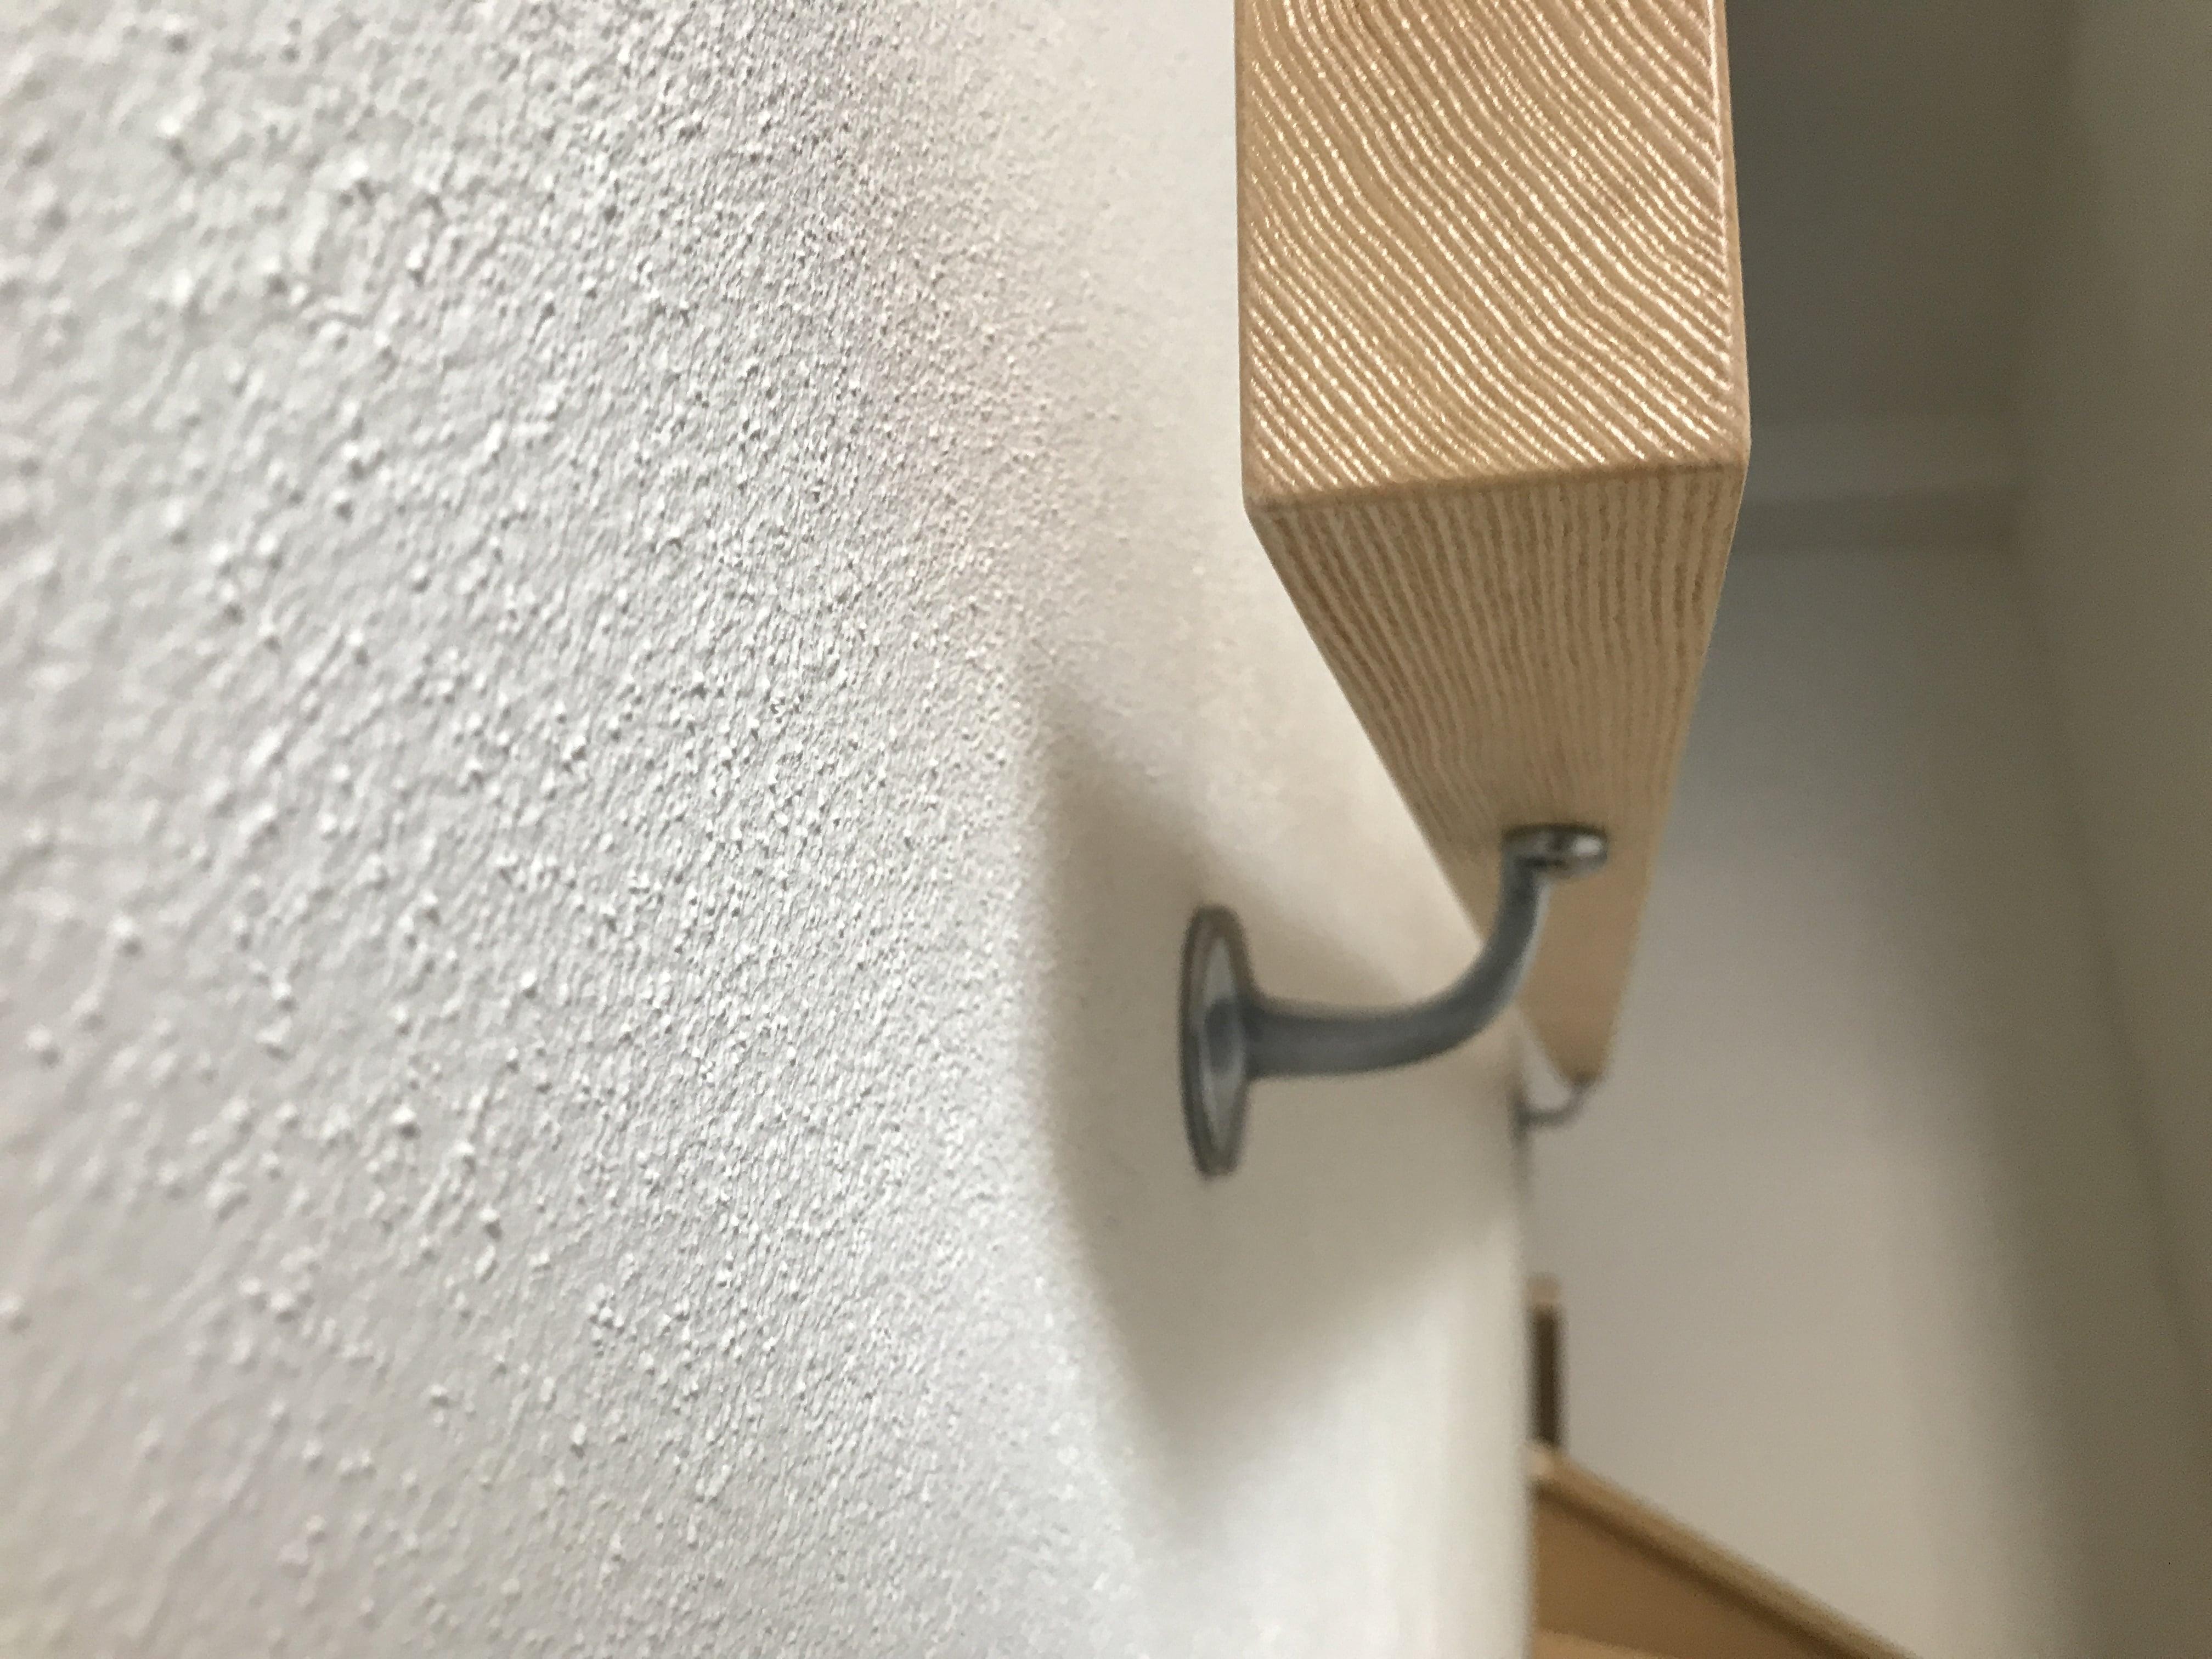 Dettaglio passamano a muro in legno massello frassino al naturale